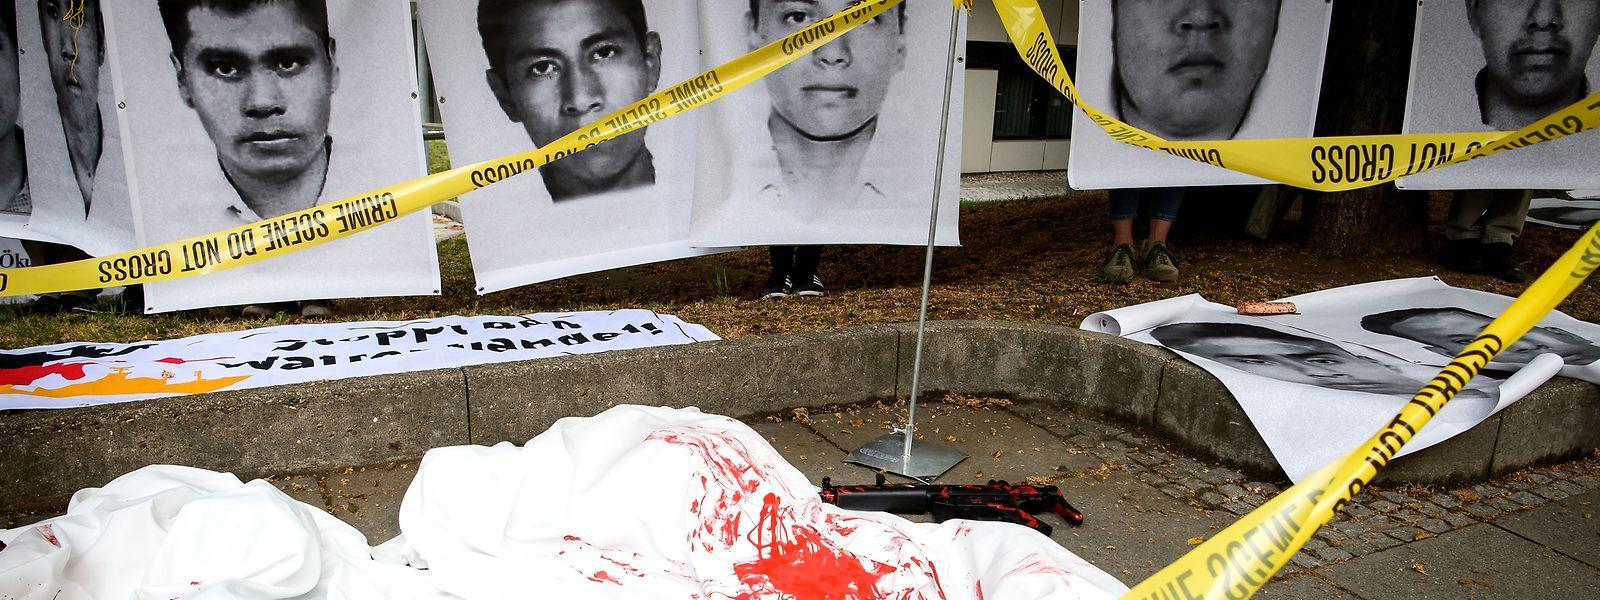 Gegner der Waffenlobby haben Fotos von 43 Studenten ausgestellt, welche 2014 in Mexiko entführt und mutmaßlich ermordet wurden.